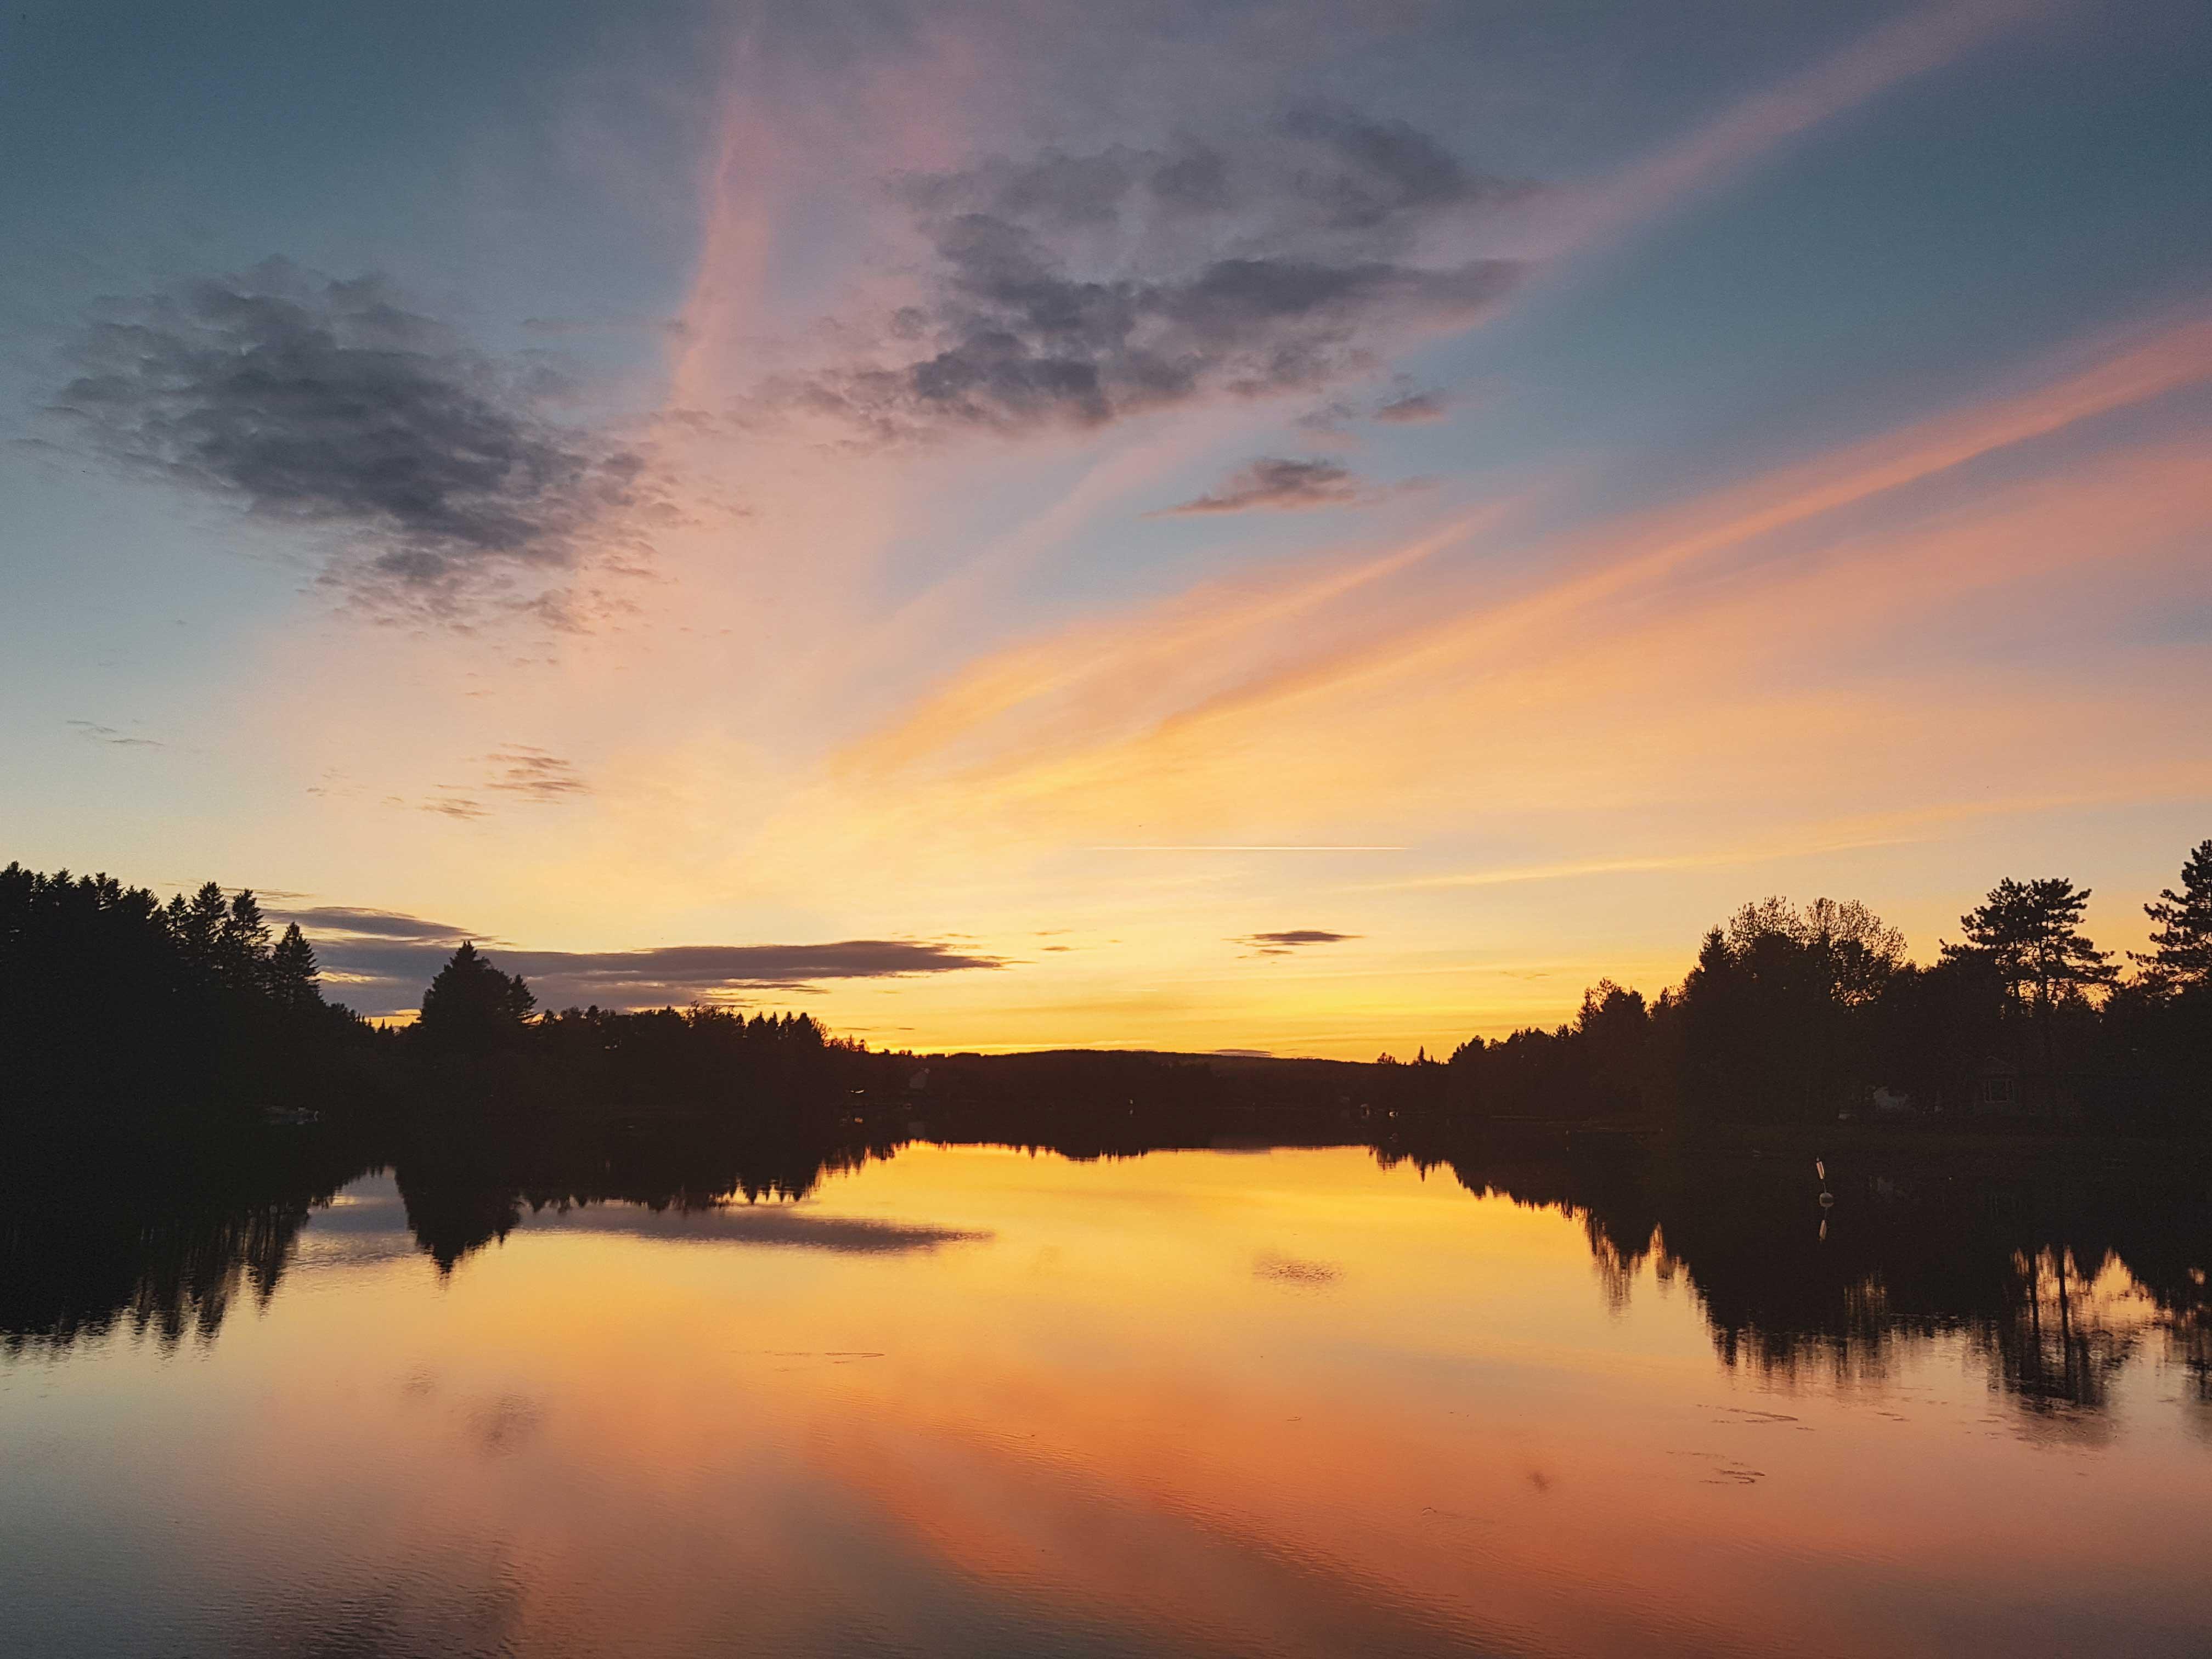 Un coucher de soleil sur une rivière. Le ciel est bleu, rose, et jaune. La rivière reflète les couleurs.